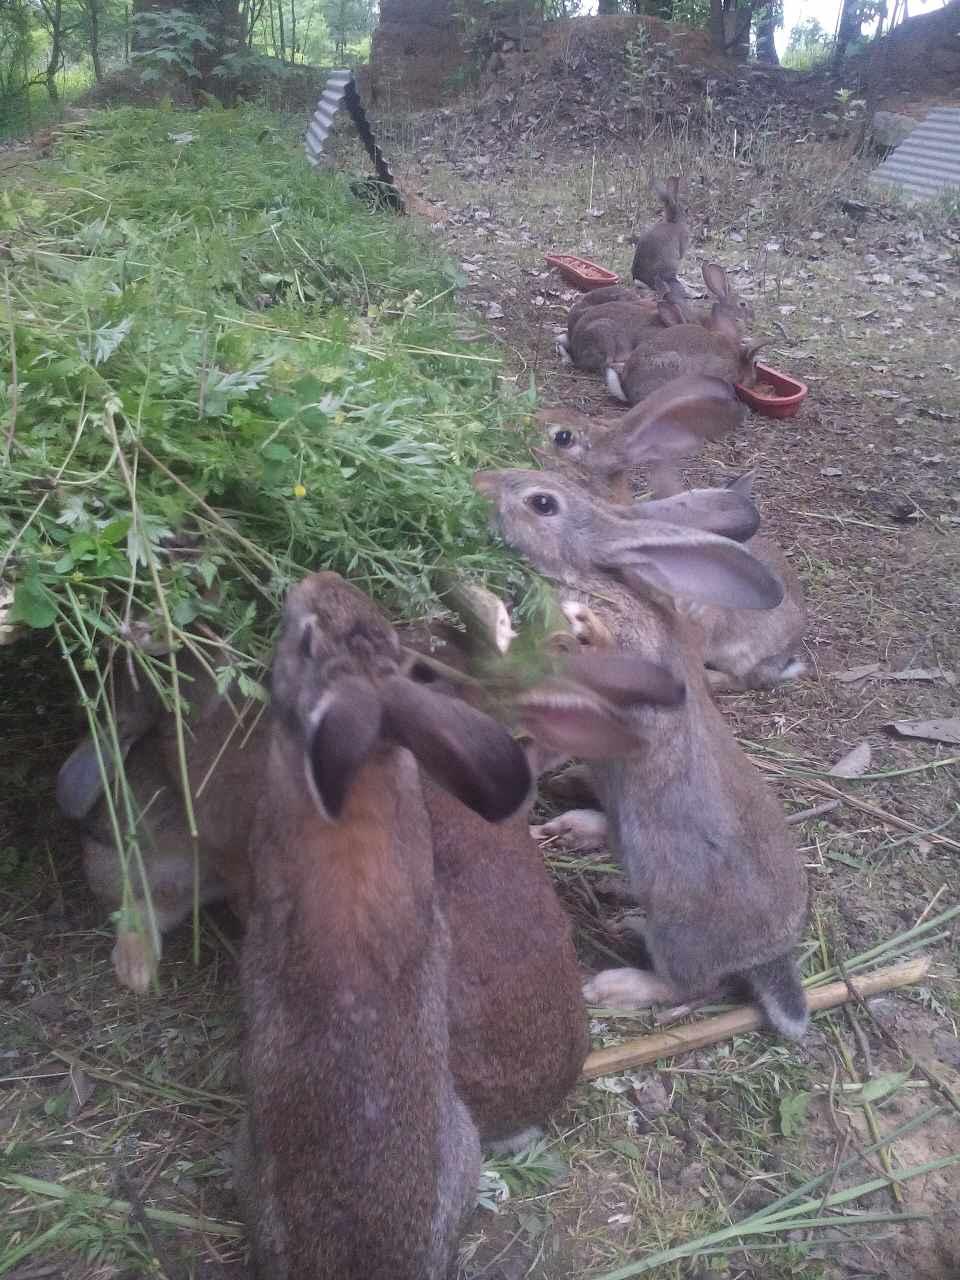 养兔前景肉兔野兔杂交野兔那个品种好种草养兔成本低收益大湖北养殖基地